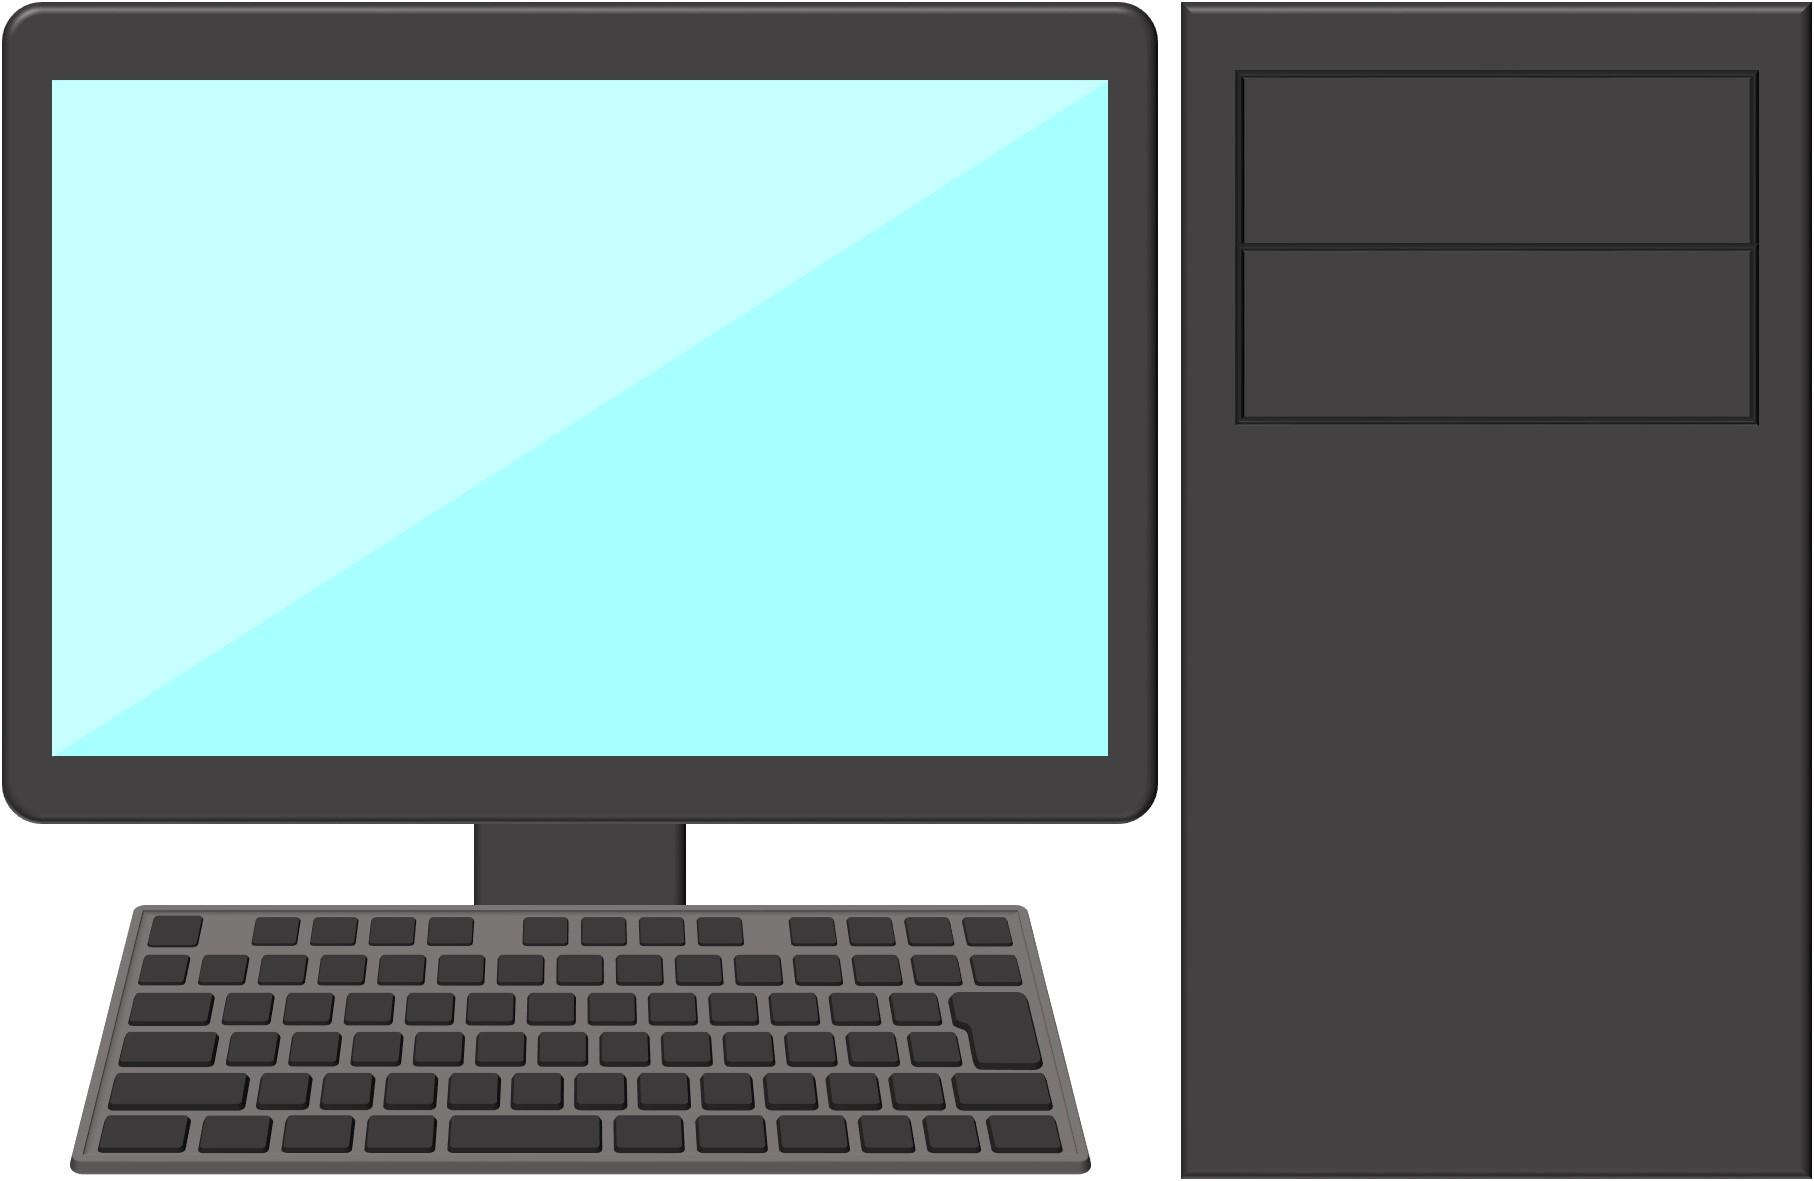 デスクトップを整理して仕事を効率化 壁紙を使ってファイルを管理